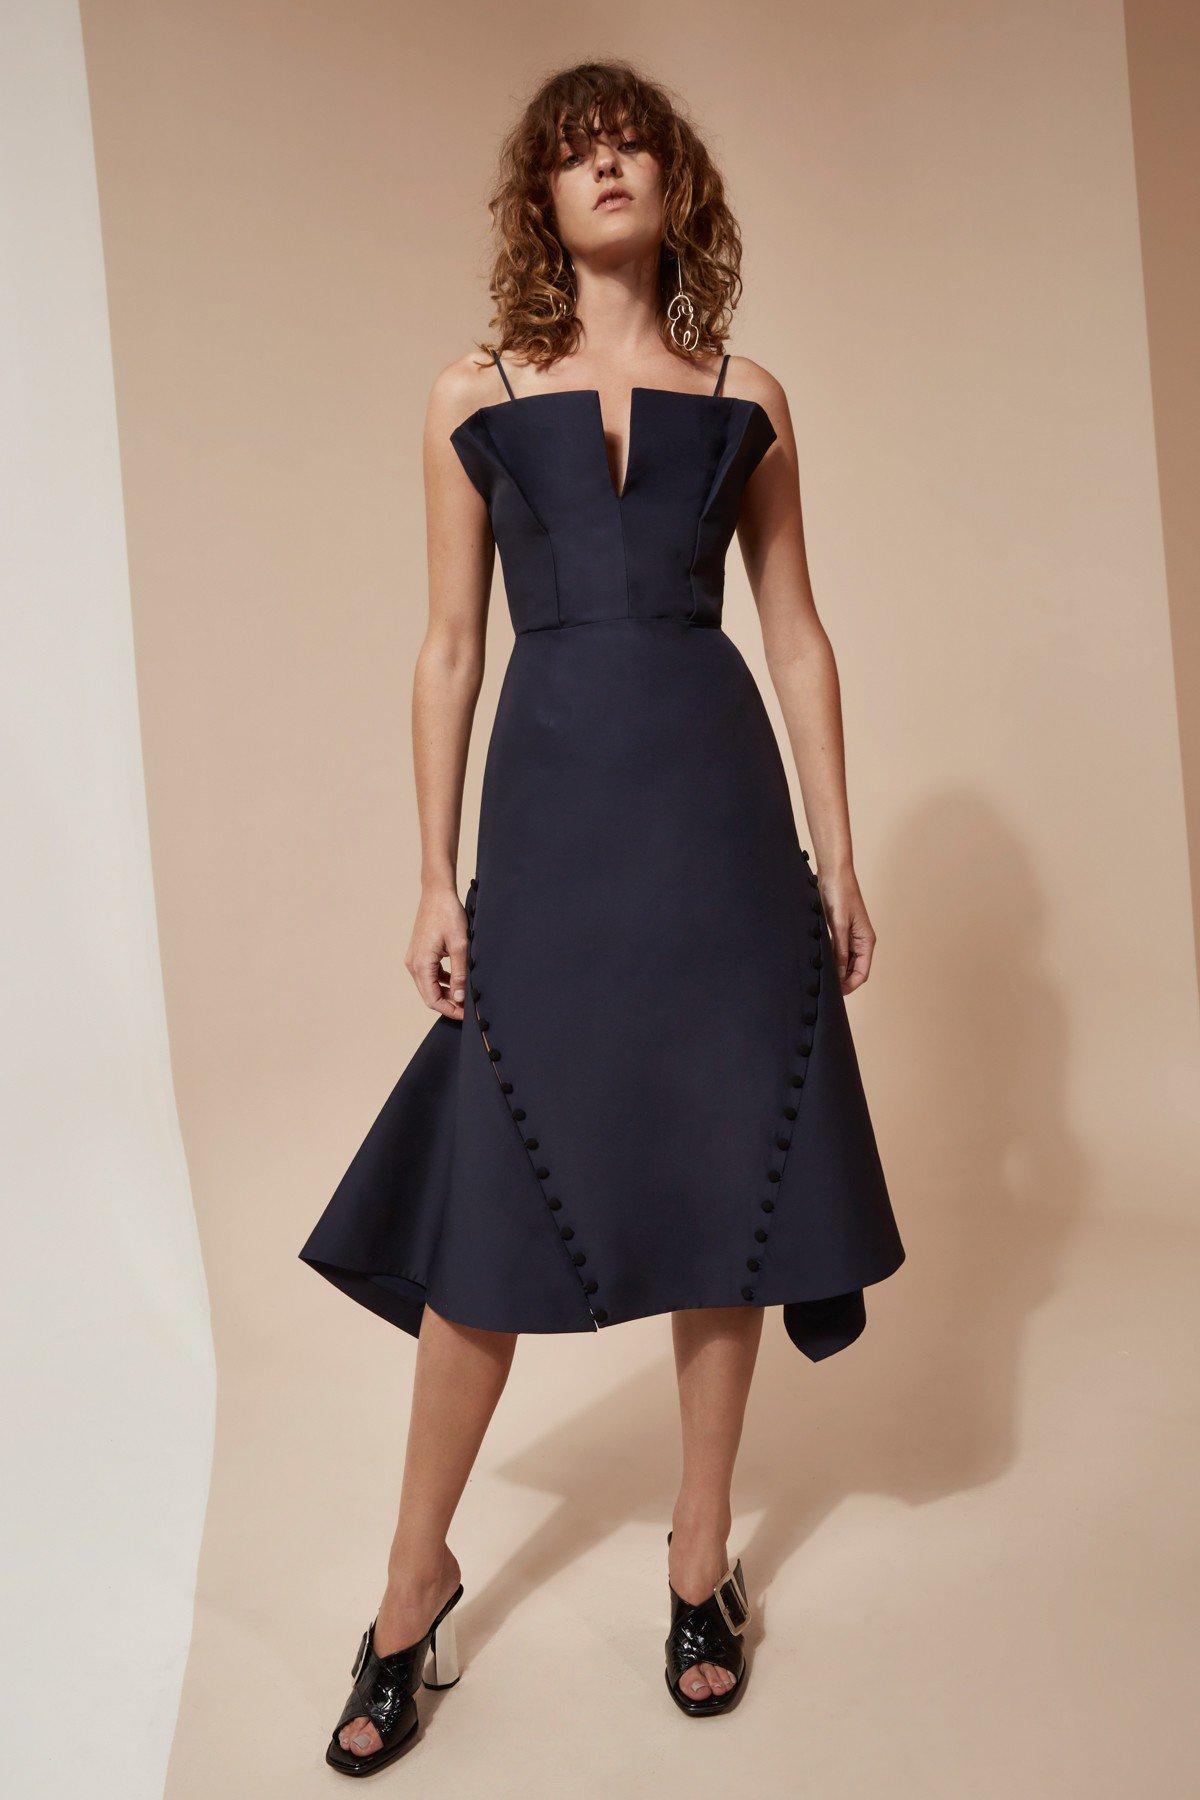 Shop C/MEO Conduit Dress.